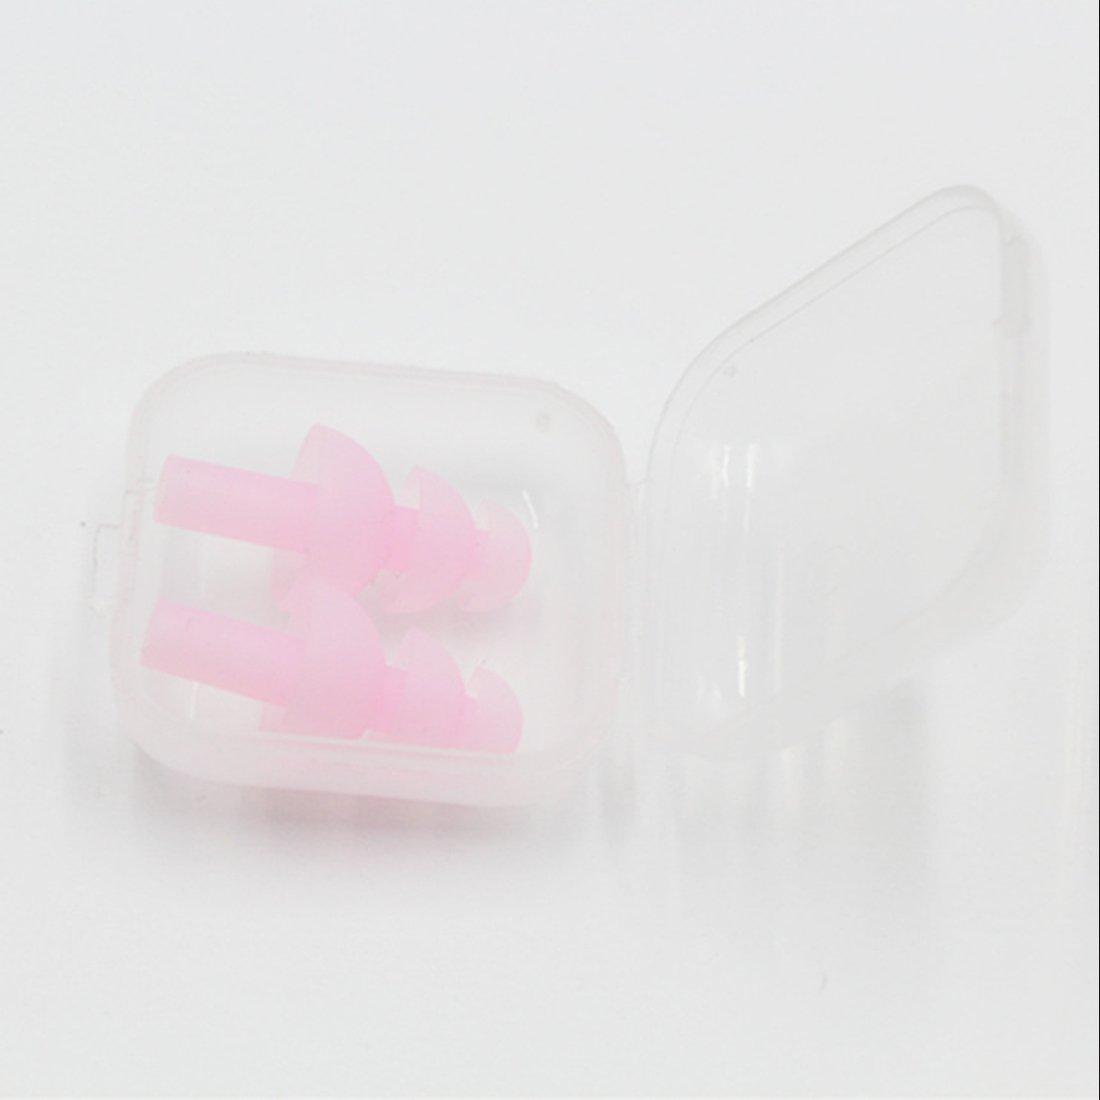 TOOGOO R 10 x Tapones de oidos con cable Anti-ruido enchufe de oido Viaje de proteccion Tapones de oidos